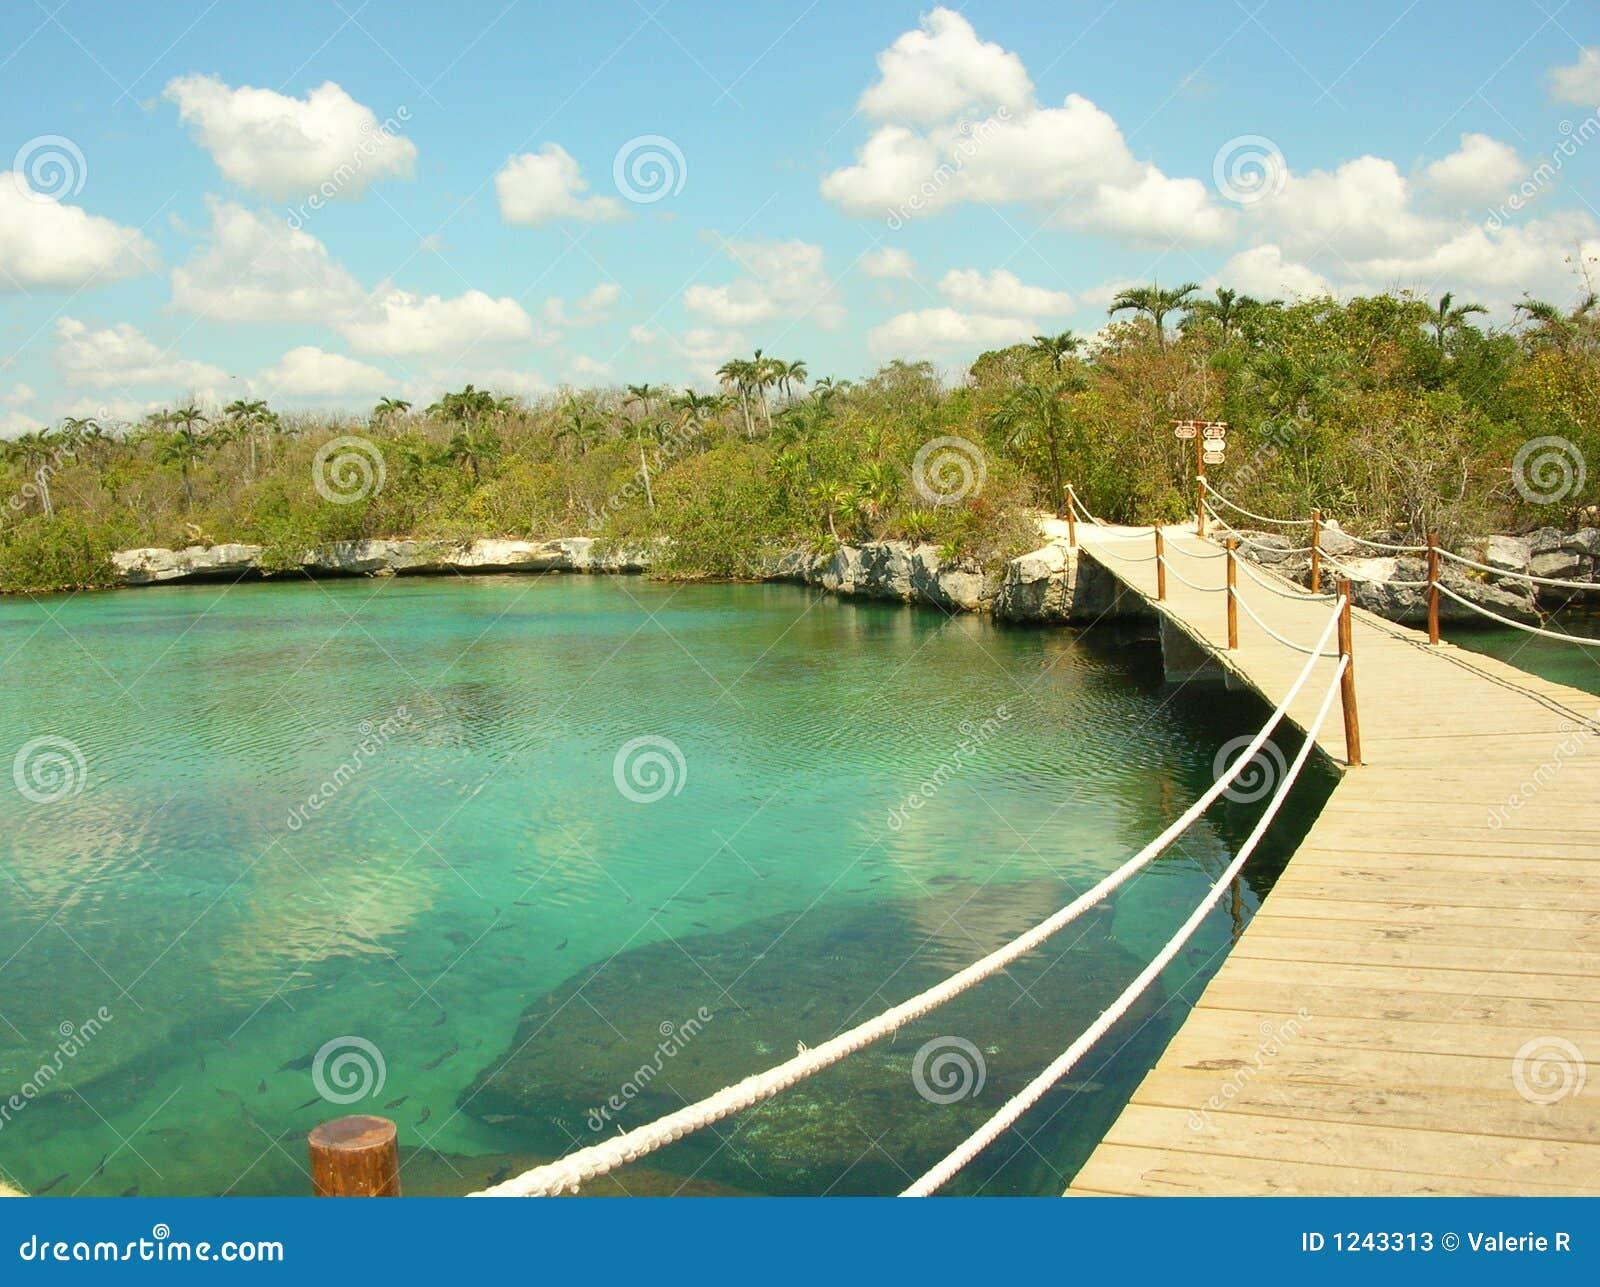 Xel Ha Natural Water Park